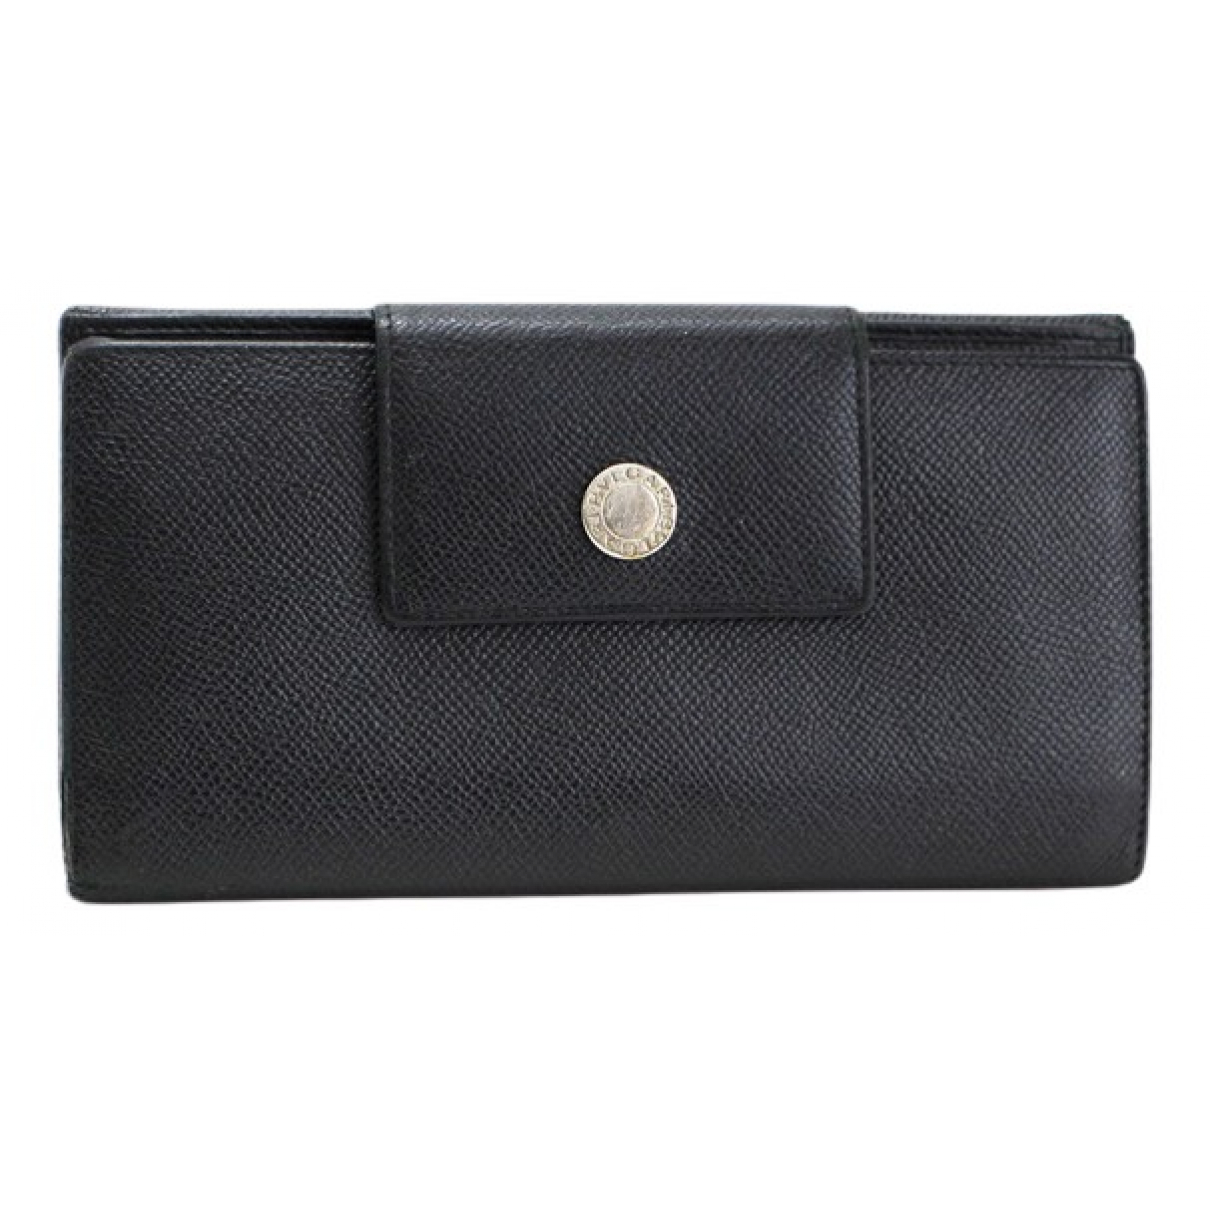 Bvlgari \N Black Leather wallet for Women \N